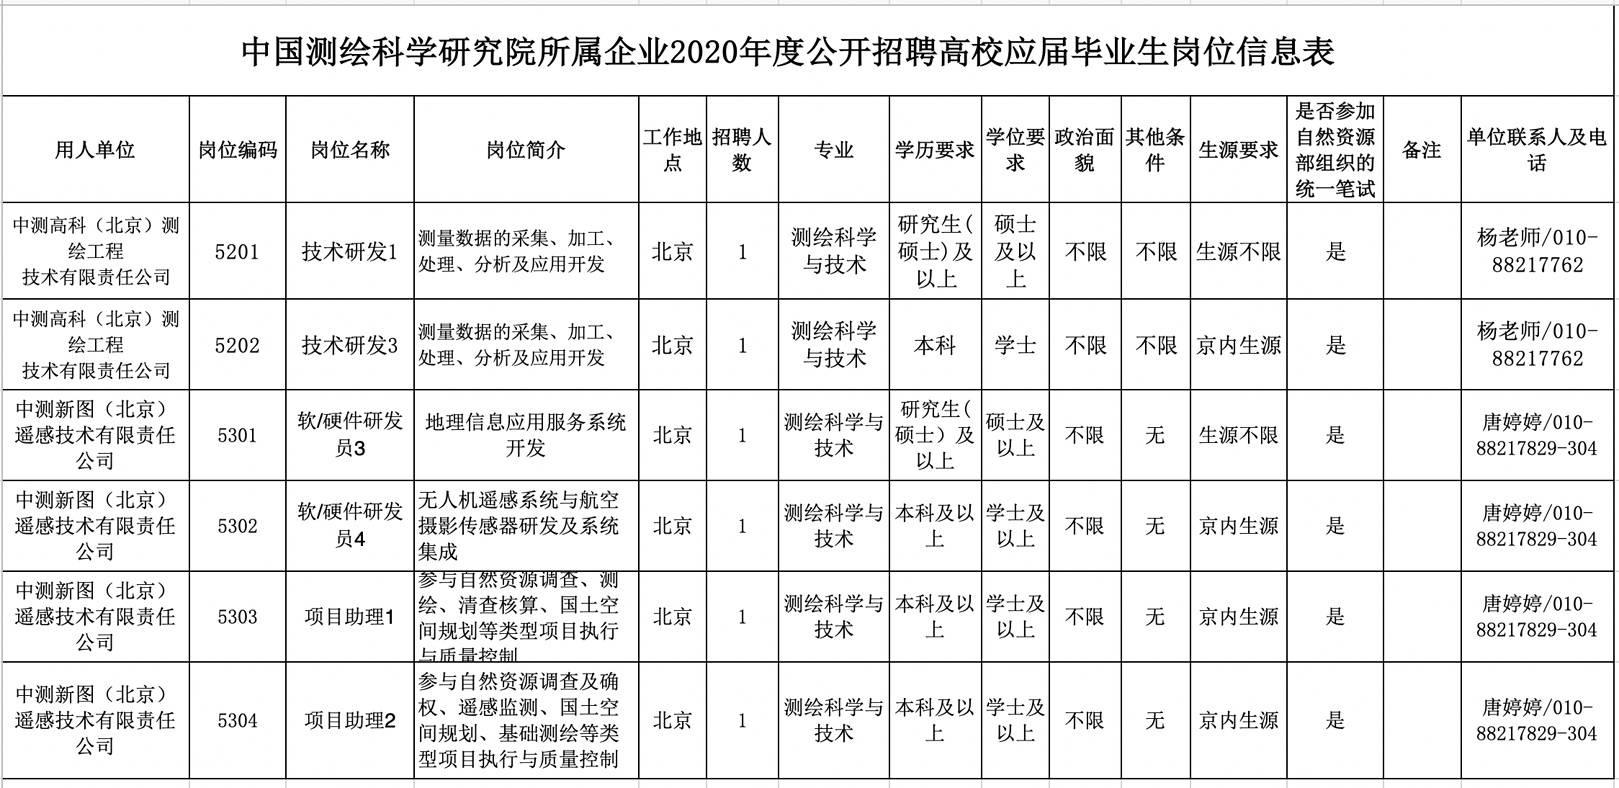 中国测绘科学研究院所属企业